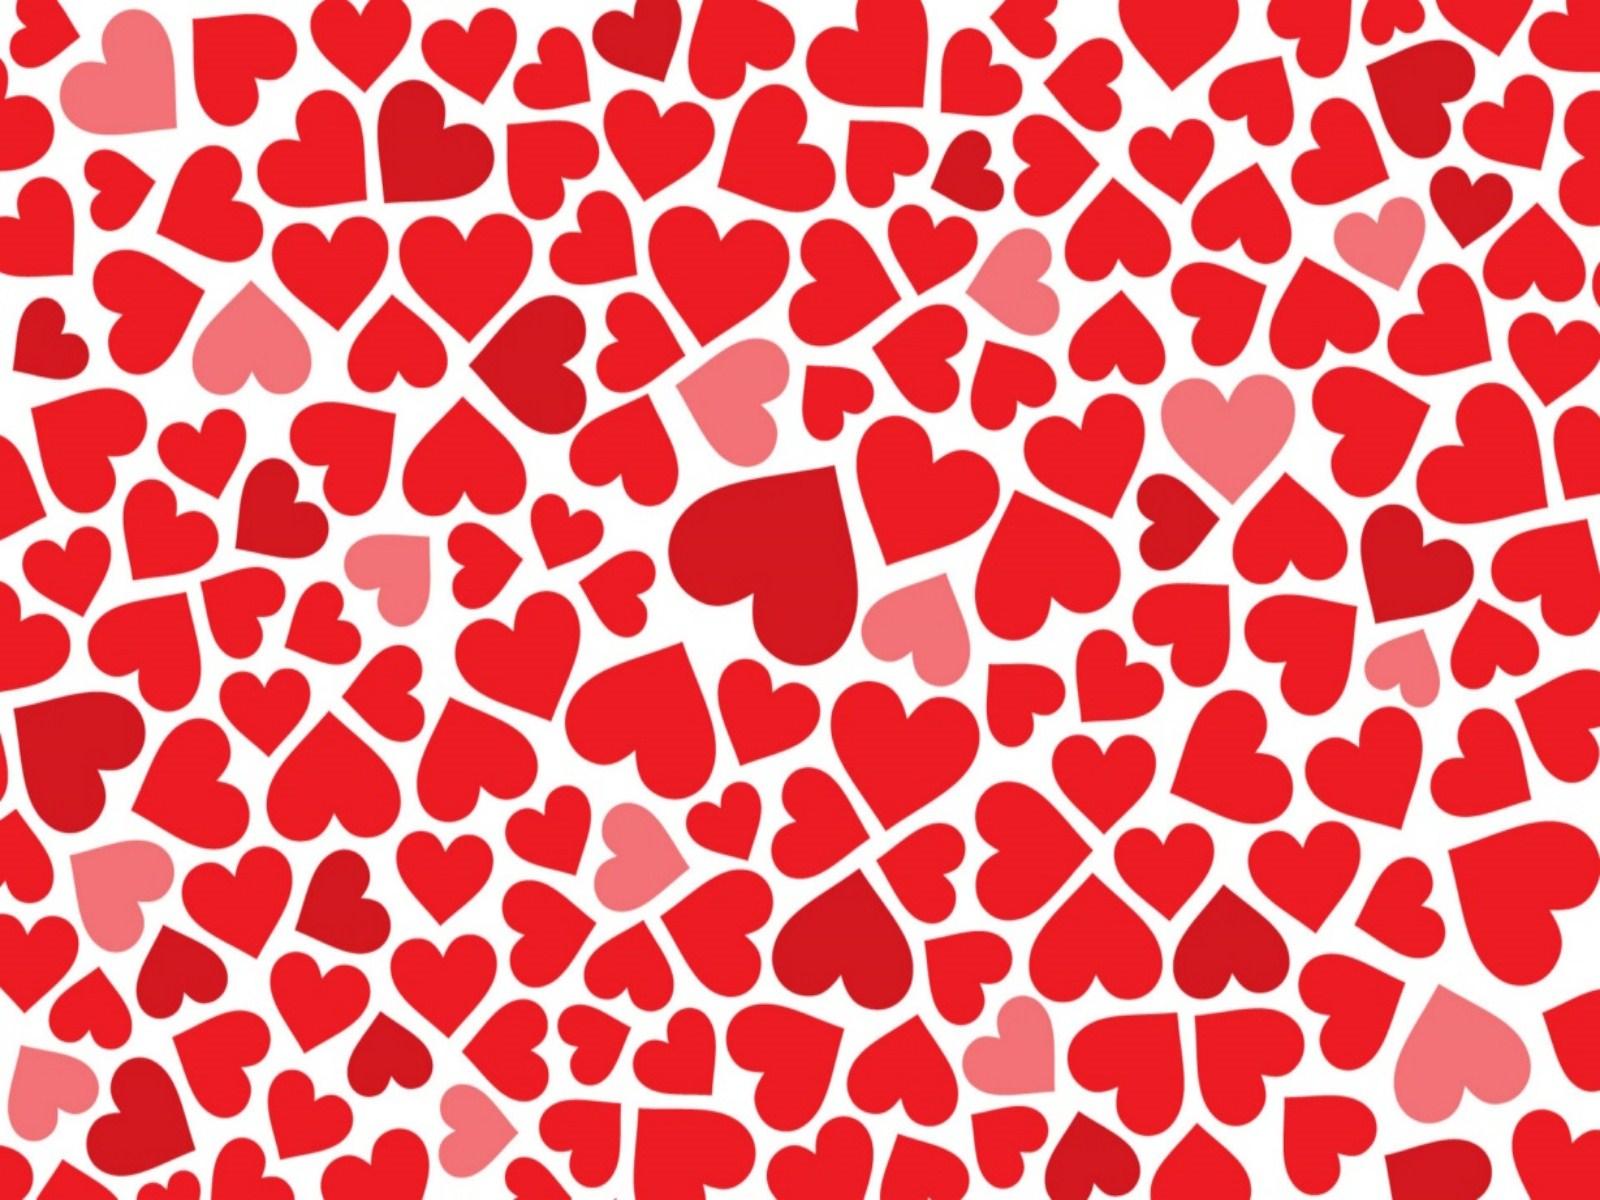 Valentine Background wallpaper 1600x1200 68345 1600x1200